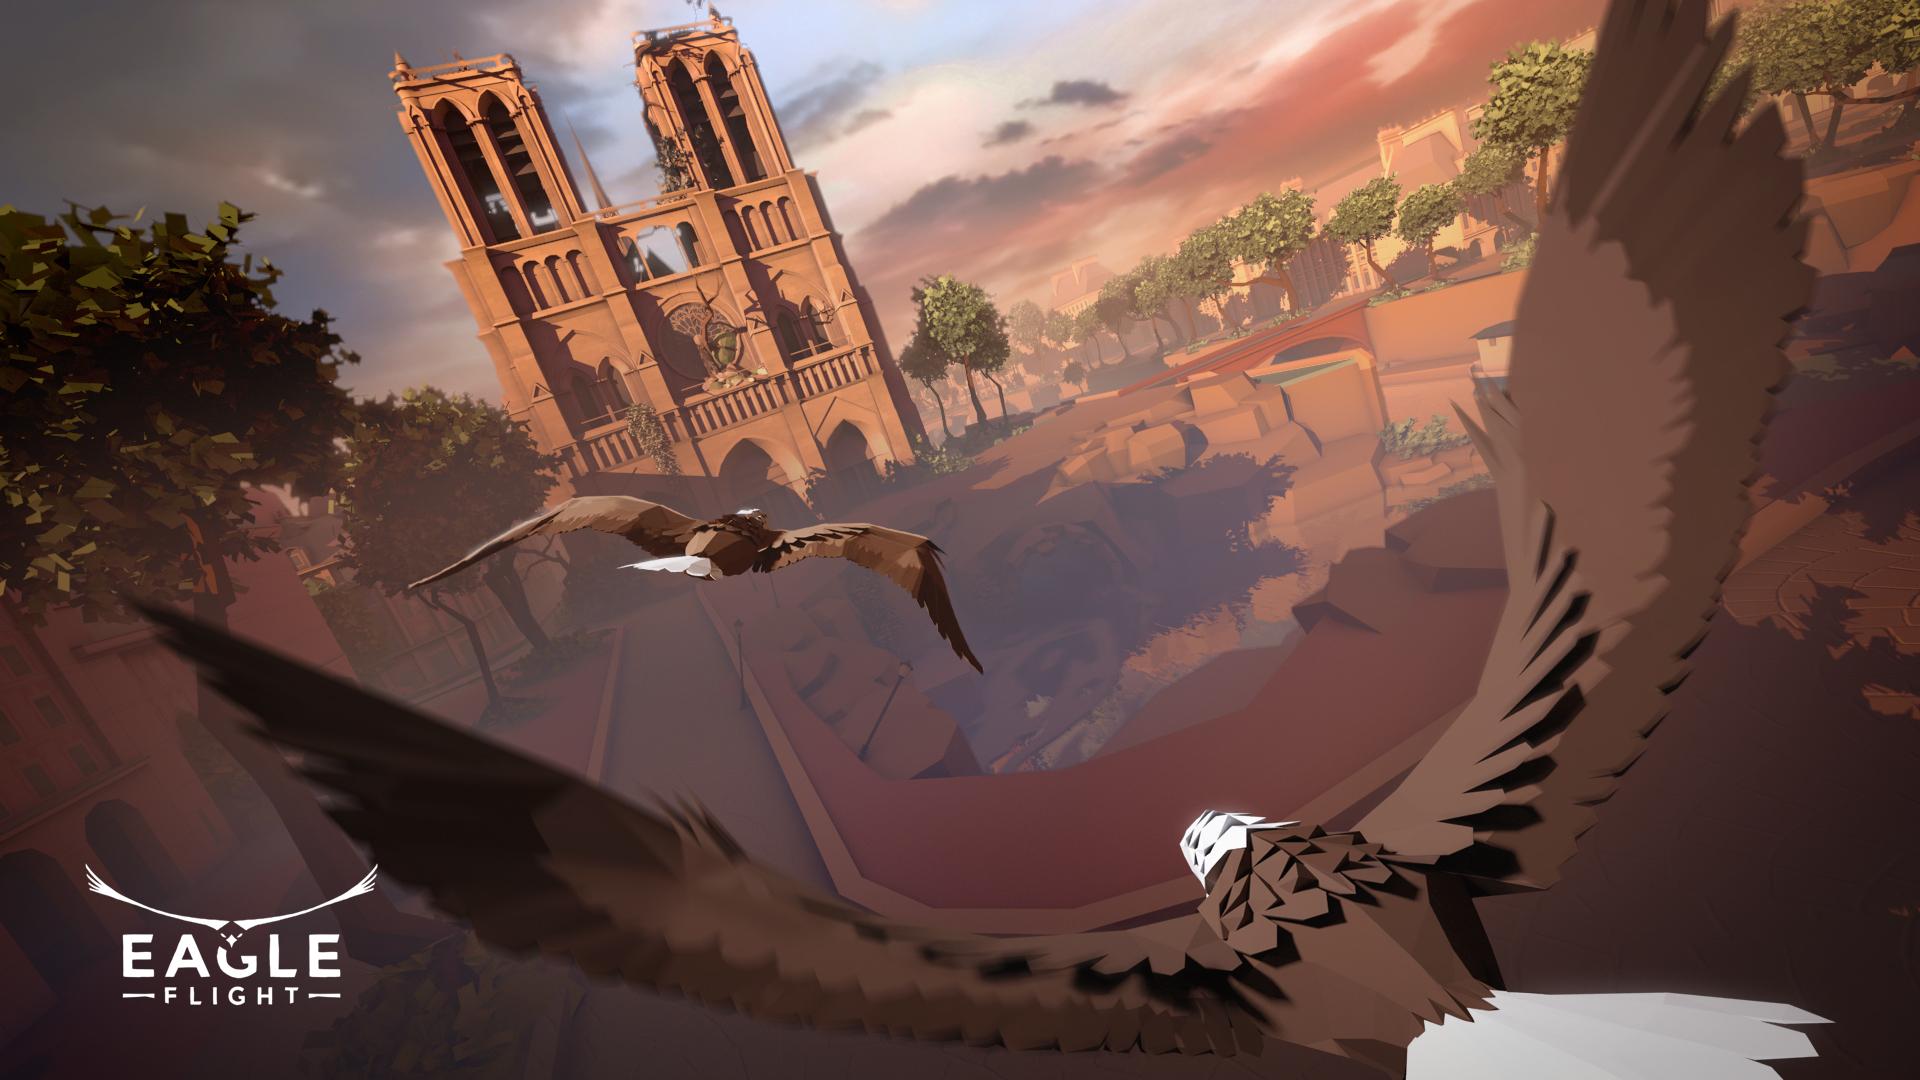 eagle_flight_VR-1.png